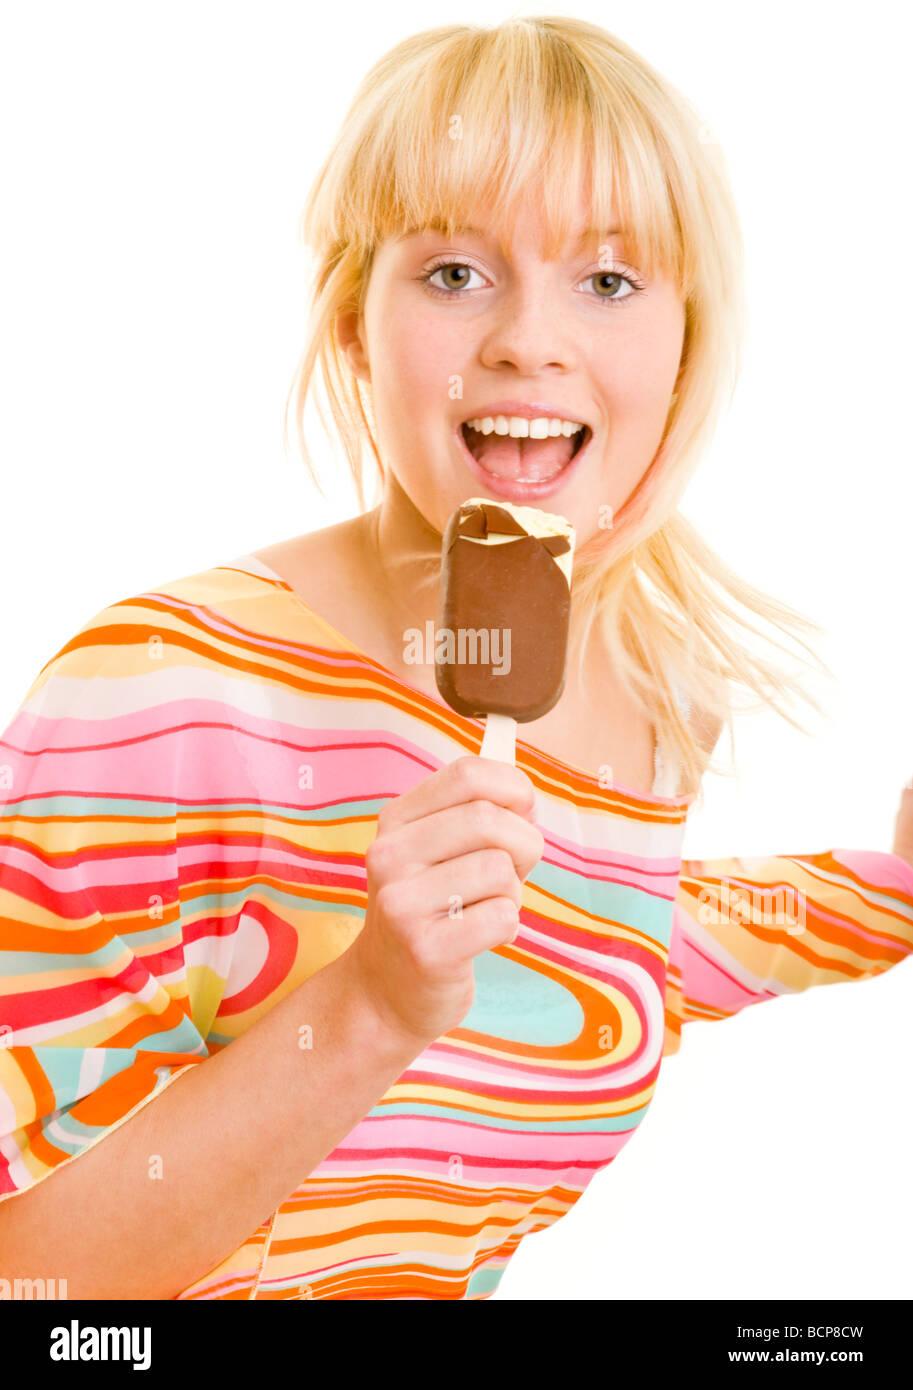 Junge blonde Frau tanzt im Sommerkleid und isst dabei ein Stieleis - Stock Image